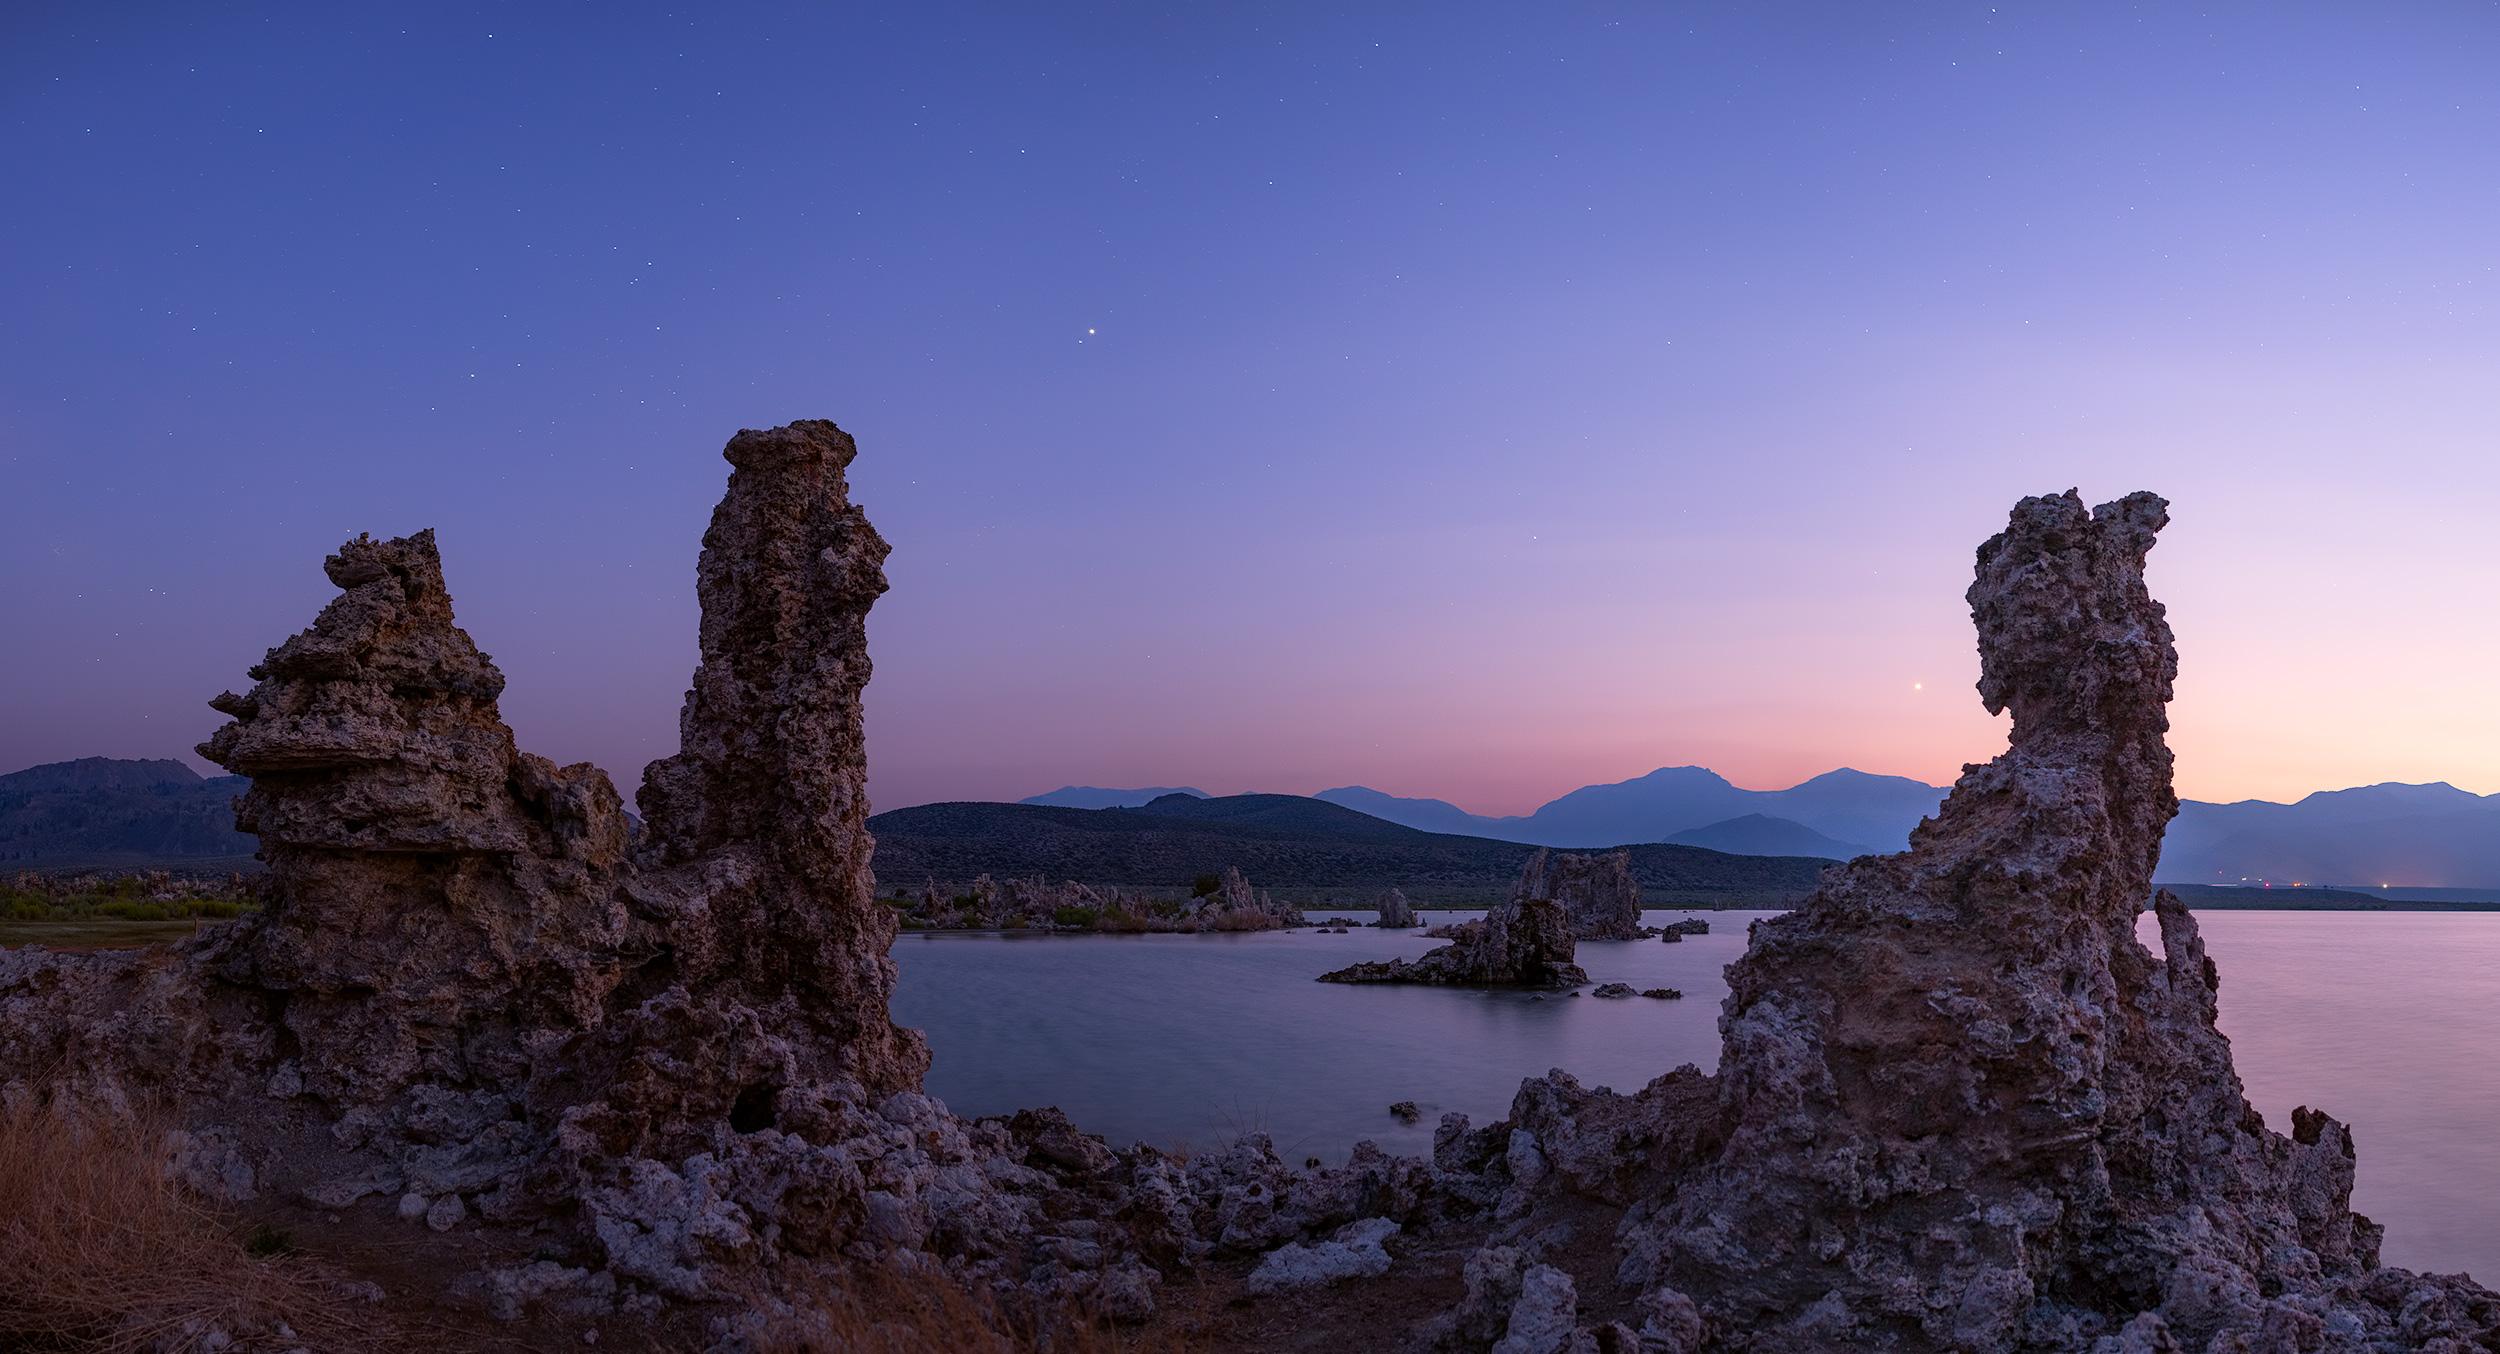 South Tufa at Mono Lake, at blue hour.